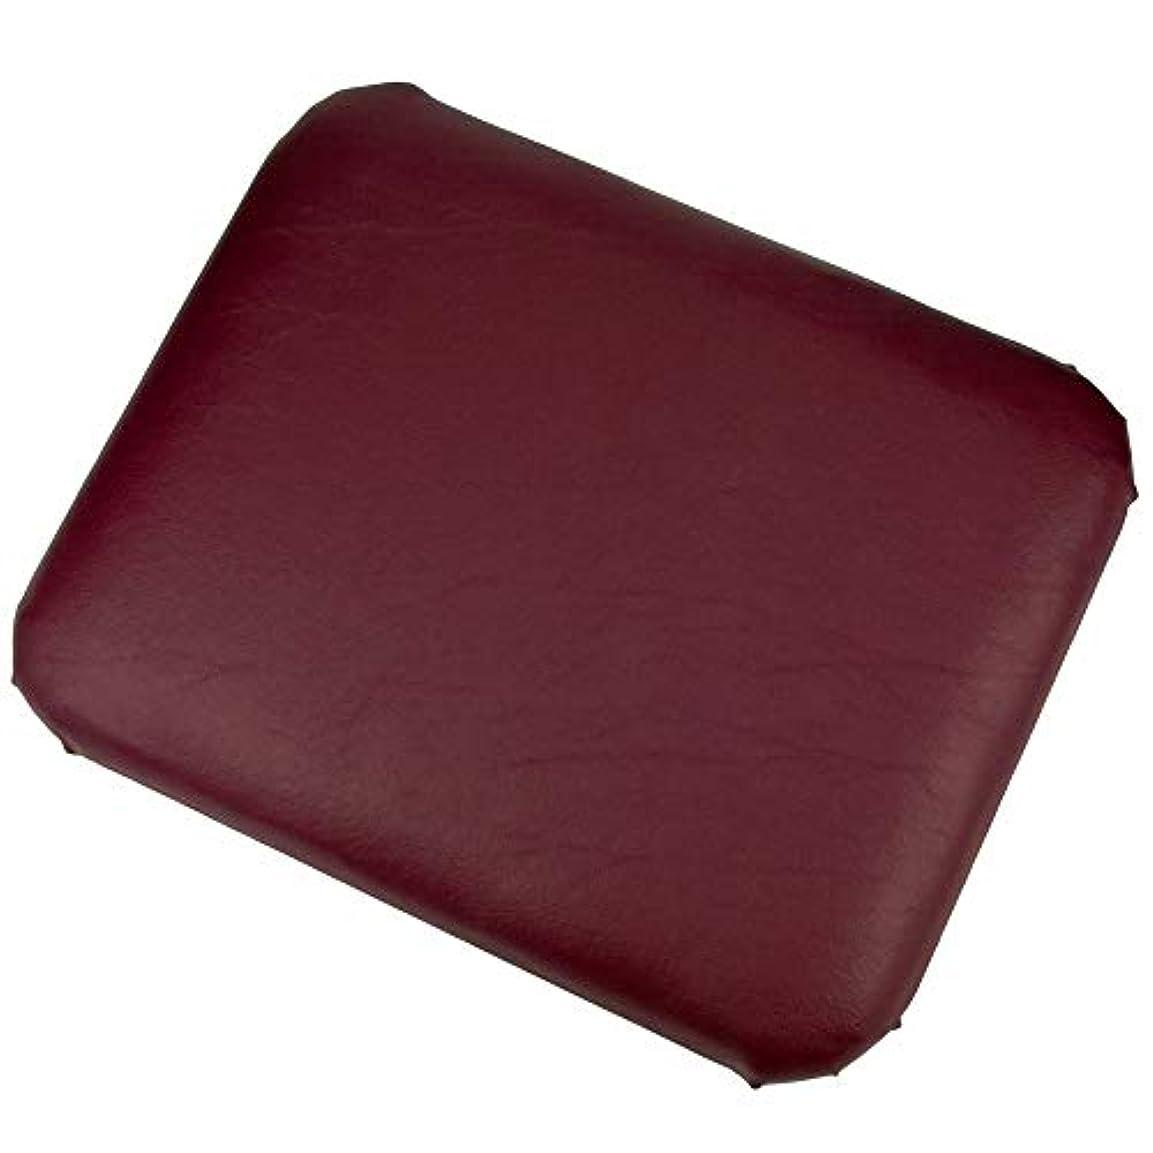 養う維持甘いLLOYD (ロイド) テーブルボード 骨盤 マッサージ 柔らかすぎる テーブル や ベッド を安定させ 脊椎 の 前方変位 の 矯正 などにも最適 【ルビー】